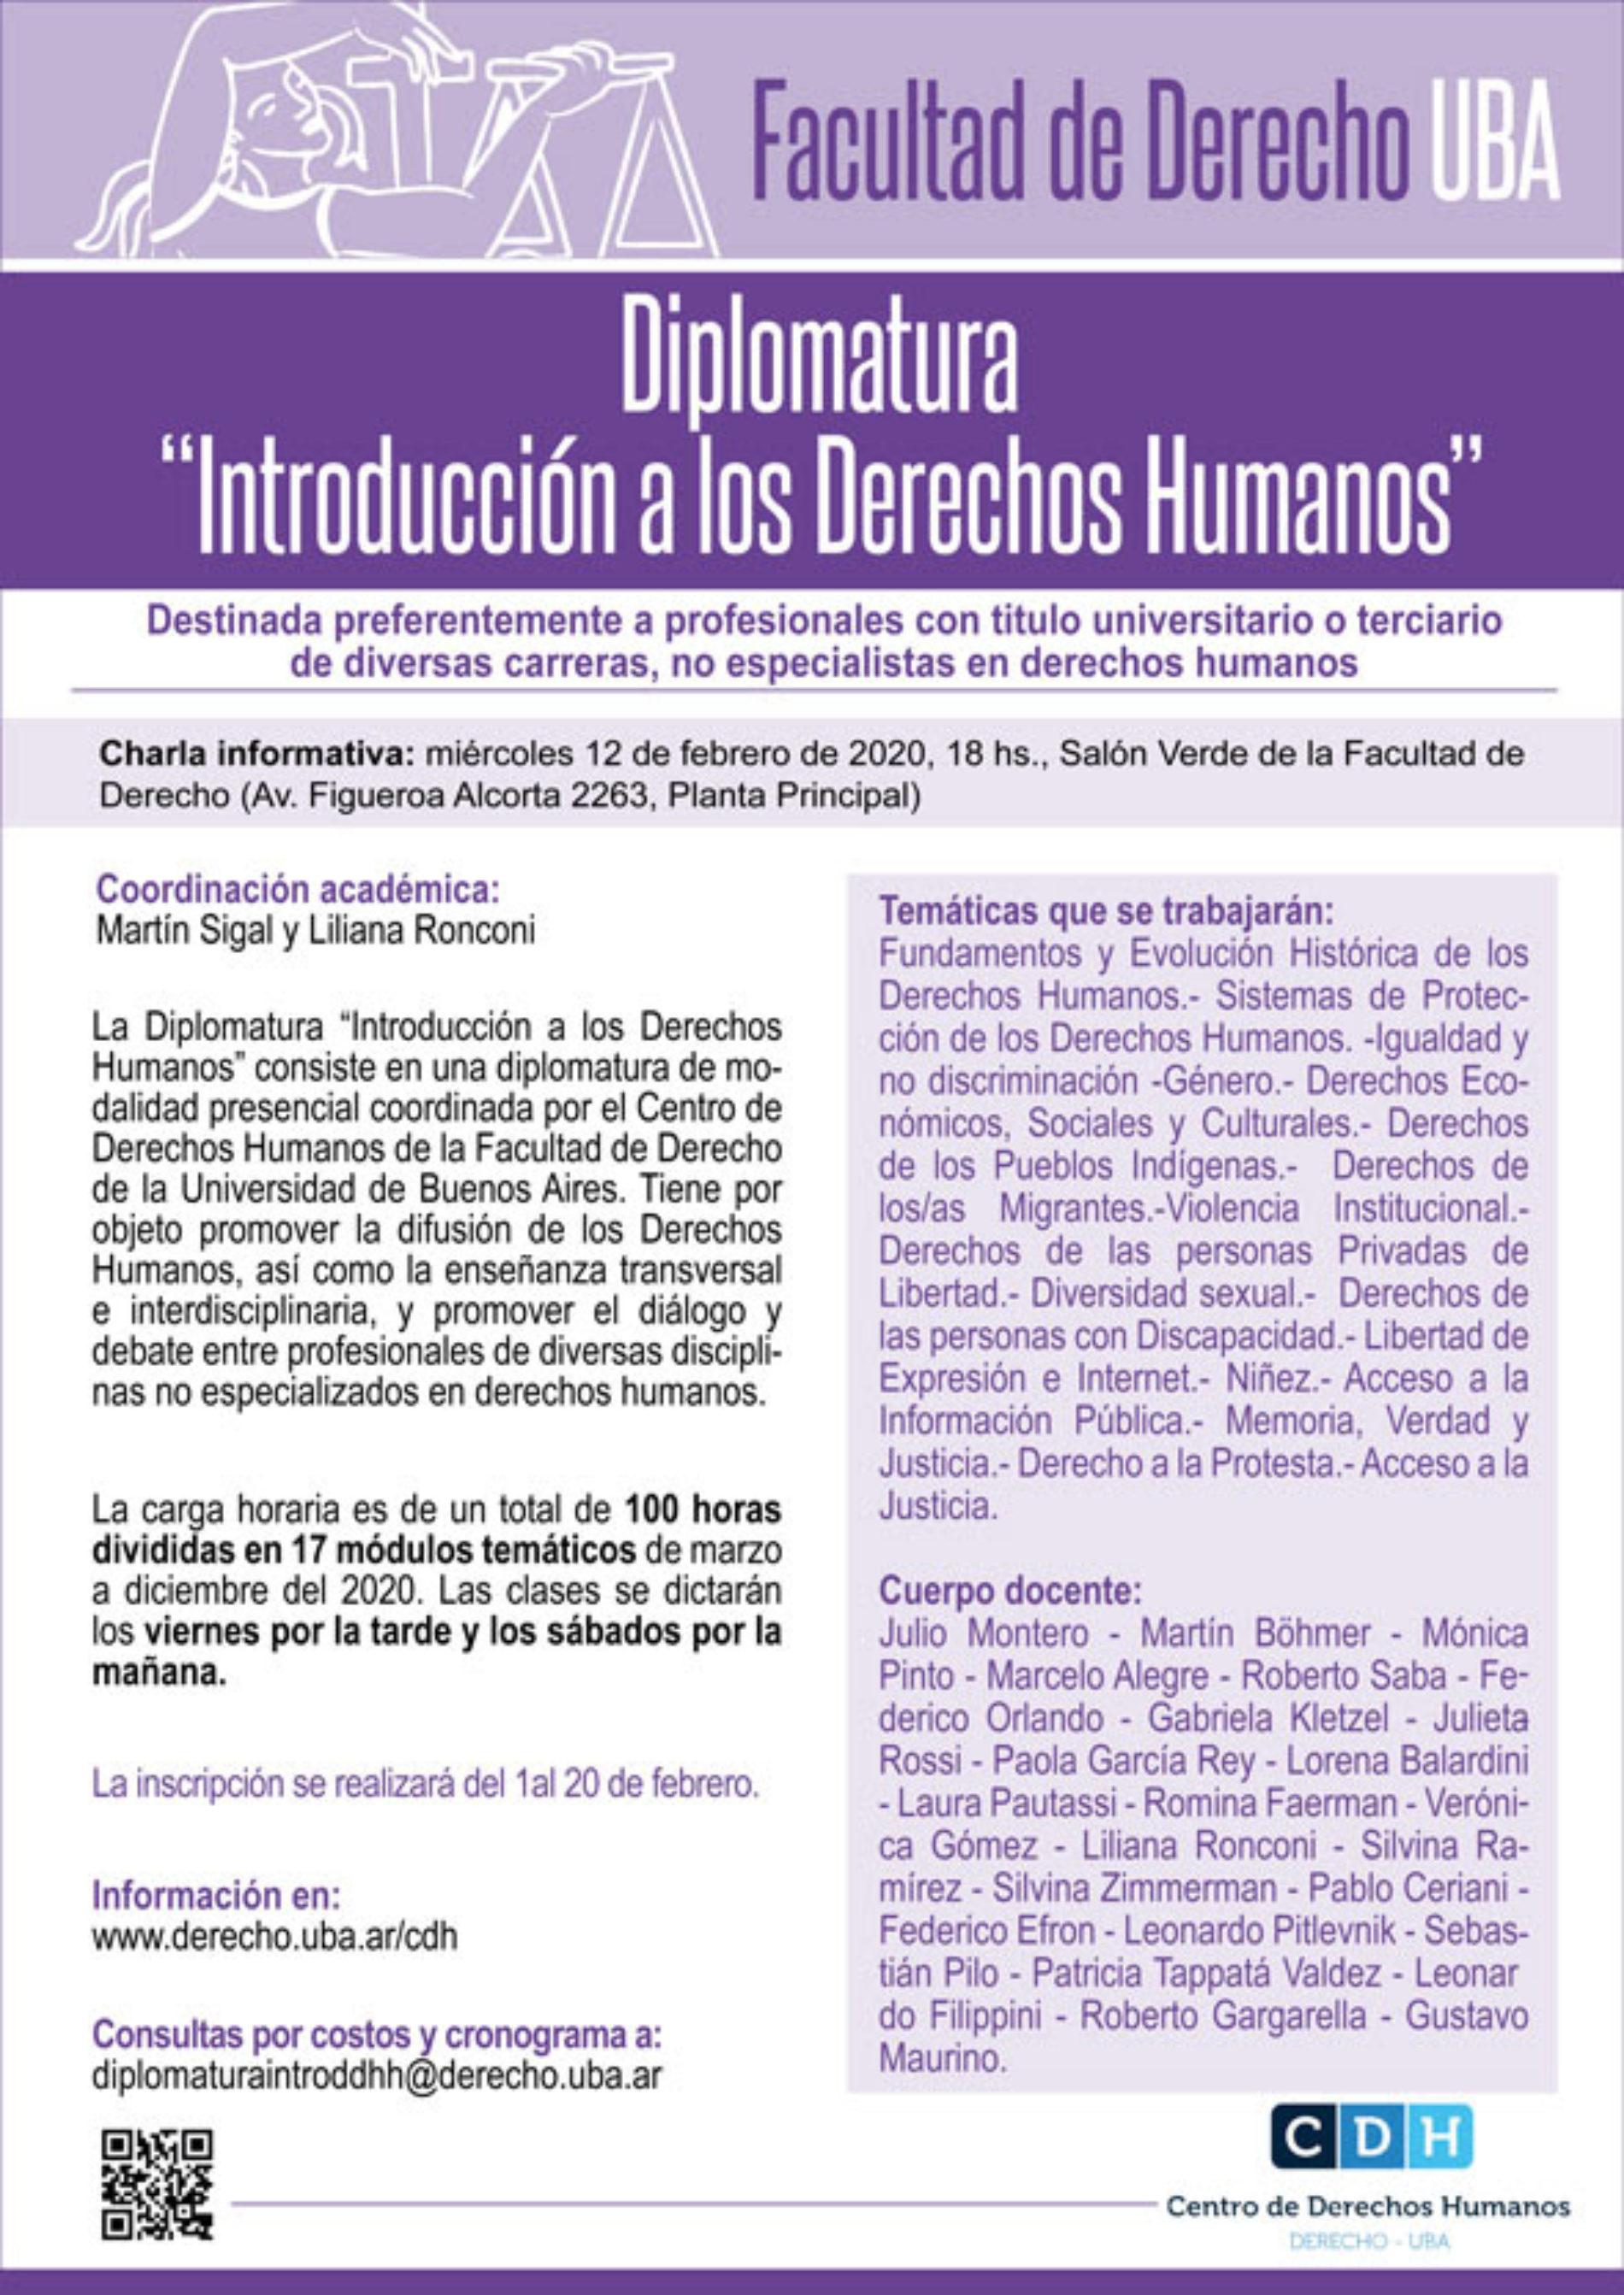 Charla informativa de la Diplomatura «Introducción a los Derechos Humanos»